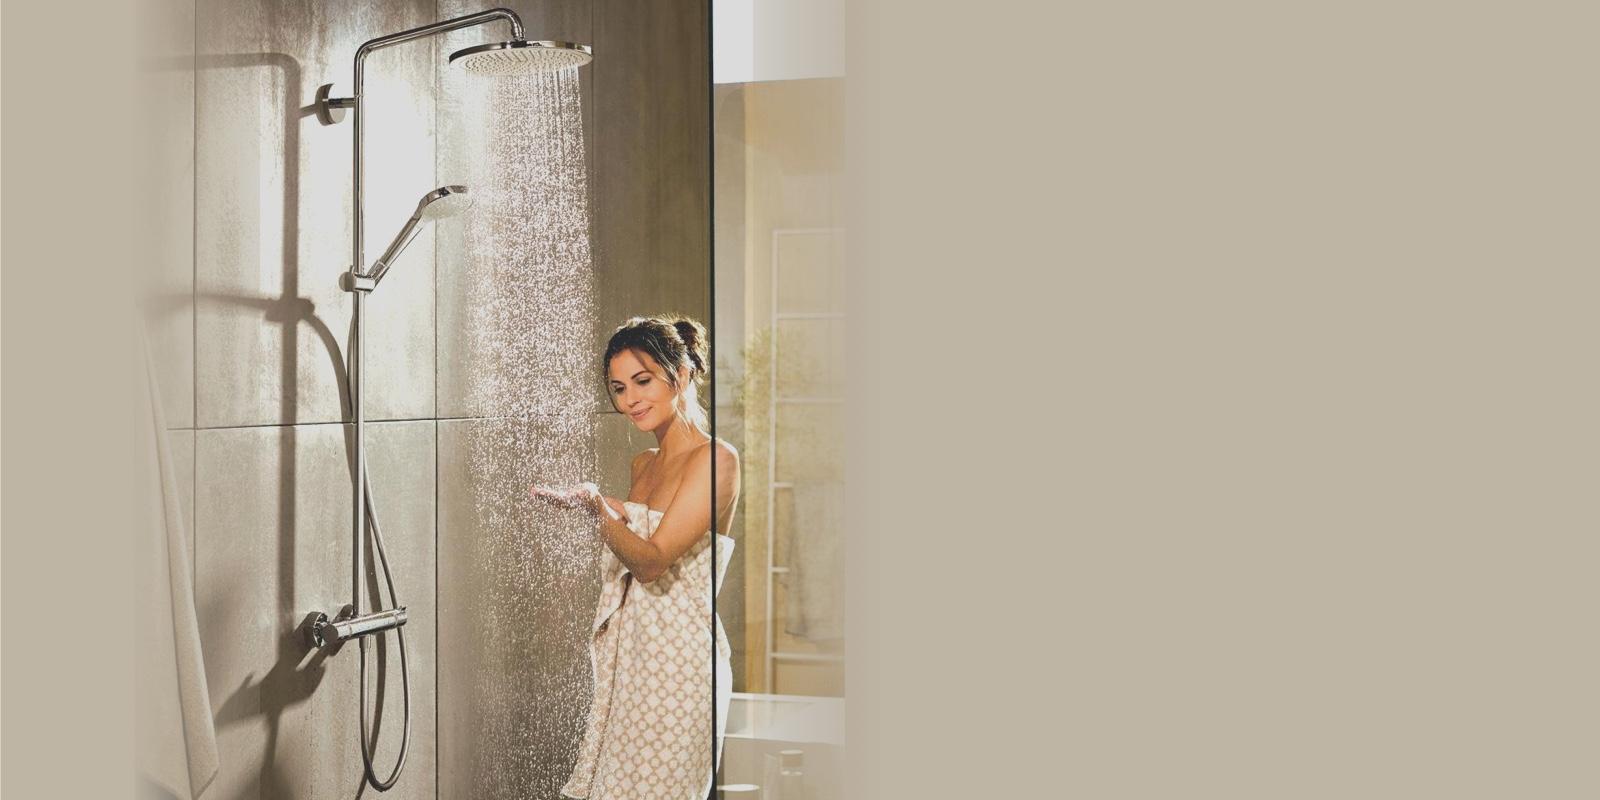 Mobiele badkamer online huren regio antwerpen